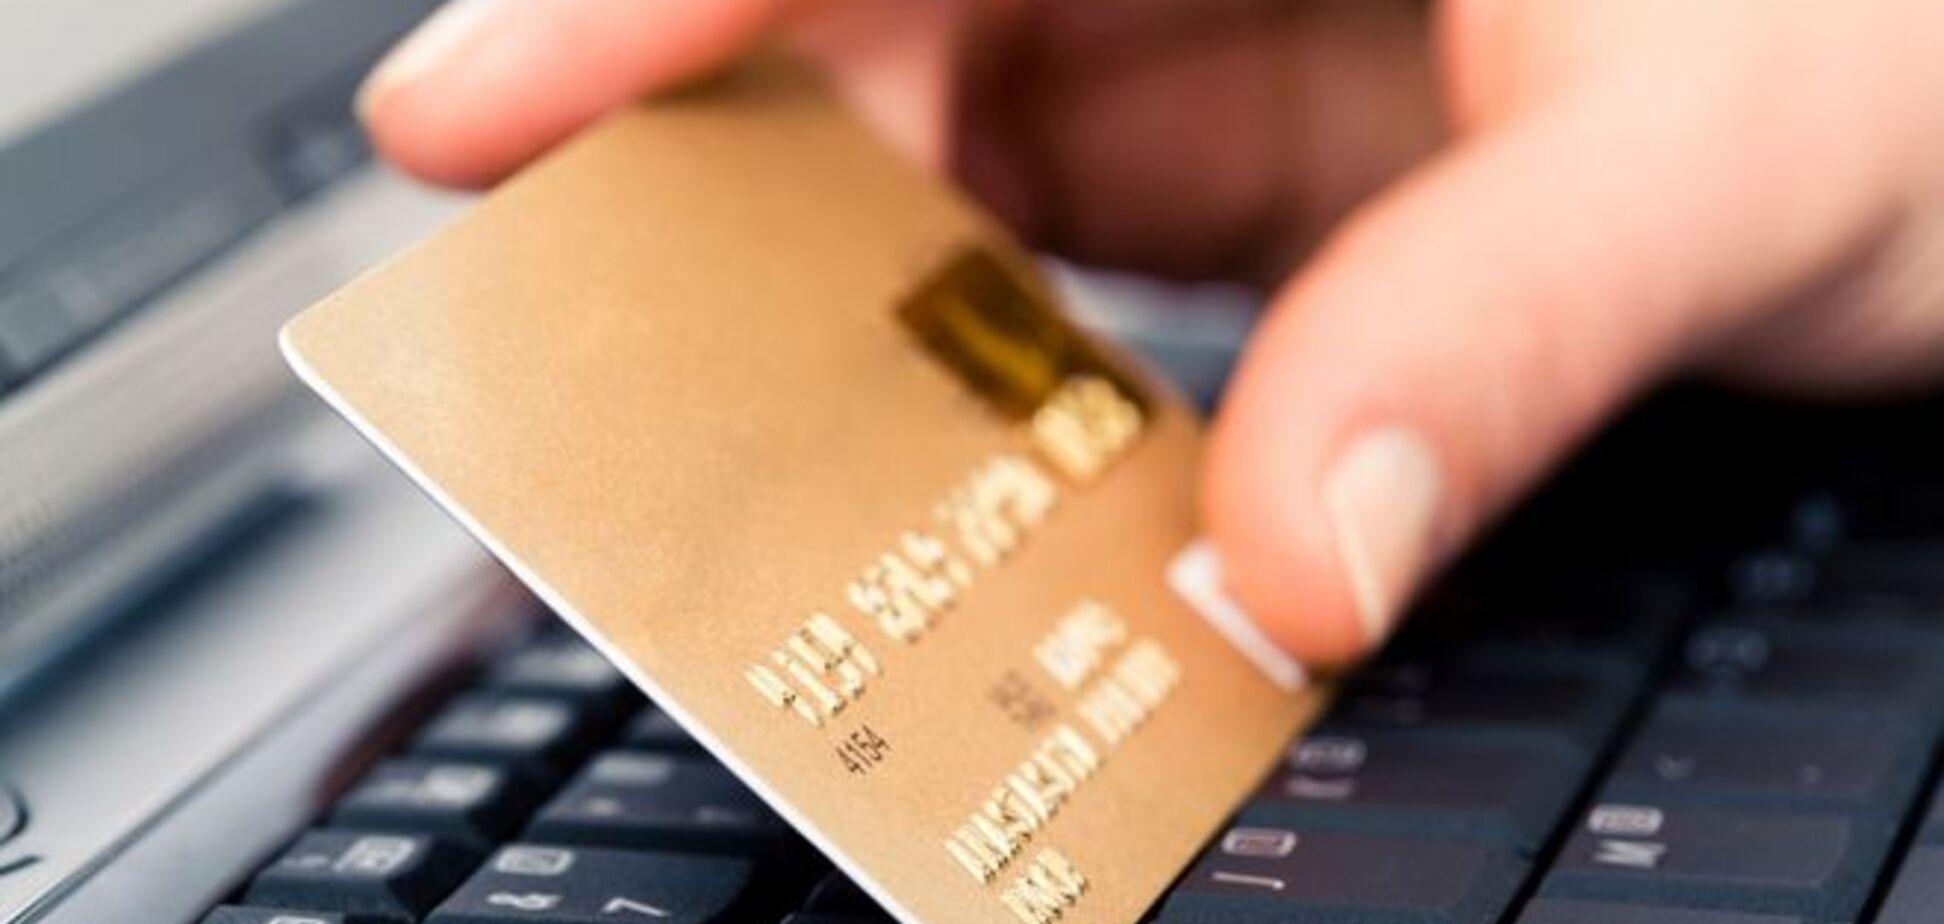 Мошенники сняли 10 тысяч с банковской карты матери погибшего бойца АТО